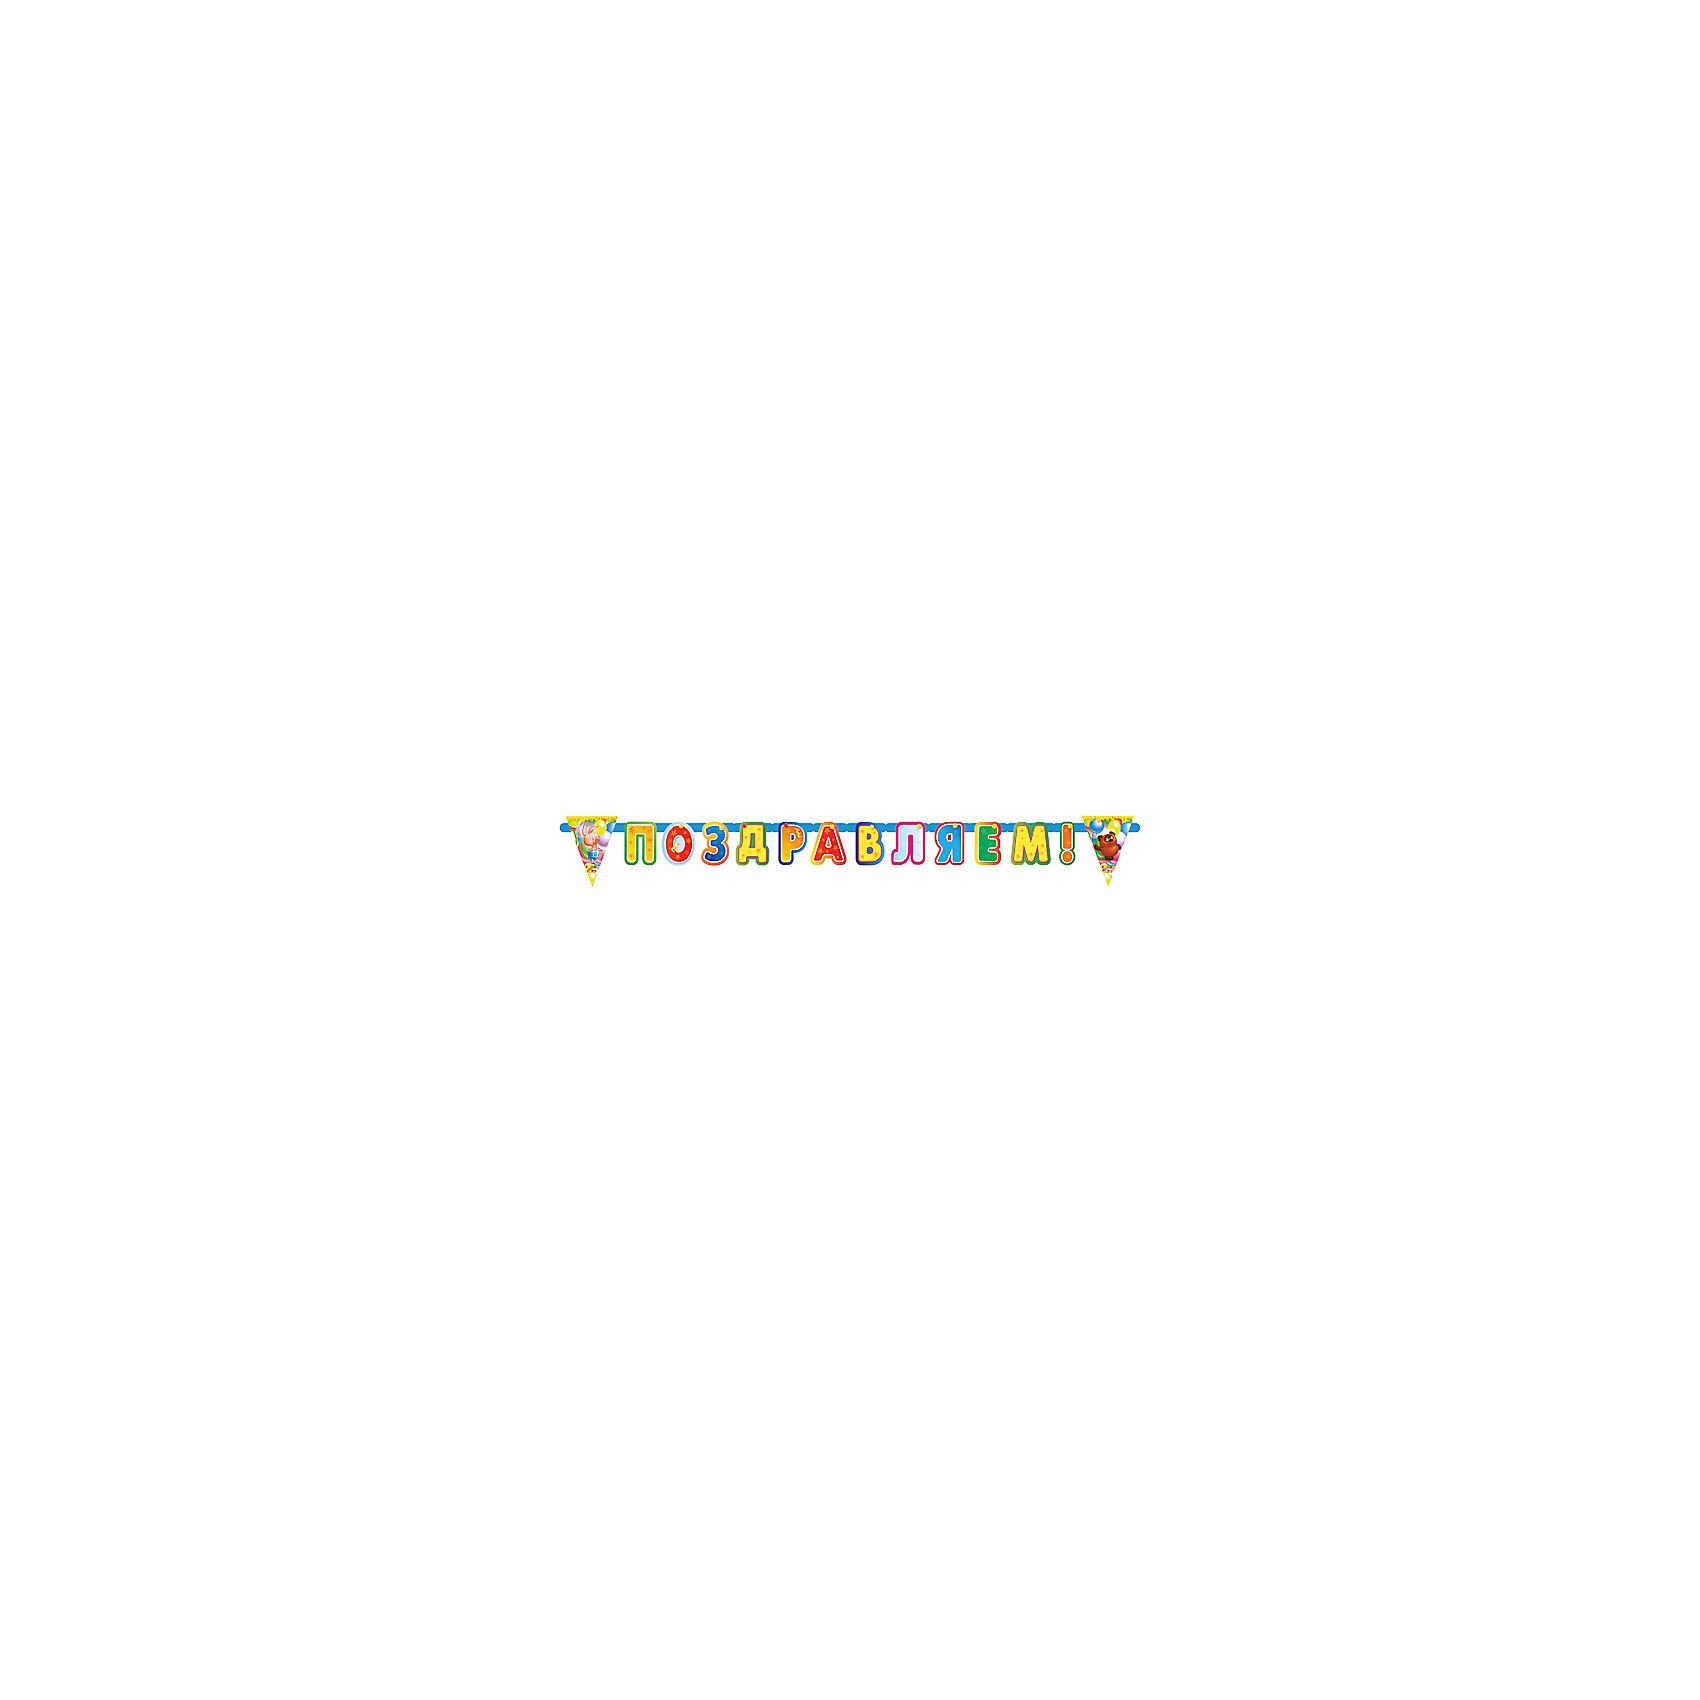 Гирлянда Винни-ПухГирлянда Винни Пух создаст праздничное настроение на любом торжестве!<br><br>Дополнительная информация:<br><br>- Материал: плотная бумага.<br>- Размер гирлянды: 2 м.<br>- Размер упаковки: 28х21х0,5 см.<br>- Вес в упаковке: 70 г.<br><br>Купить гирлянду Винни-Пух можно в нашем магазине.<br><br>Ширина мм: 28<br>Глубина мм: 21<br>Высота мм: 0<br>Вес г: 70<br>Возраст от месяцев: 12<br>Возраст до месяцев: 2147483647<br>Пол: Унисекс<br>Возраст: Детский<br>SKU: 4797429